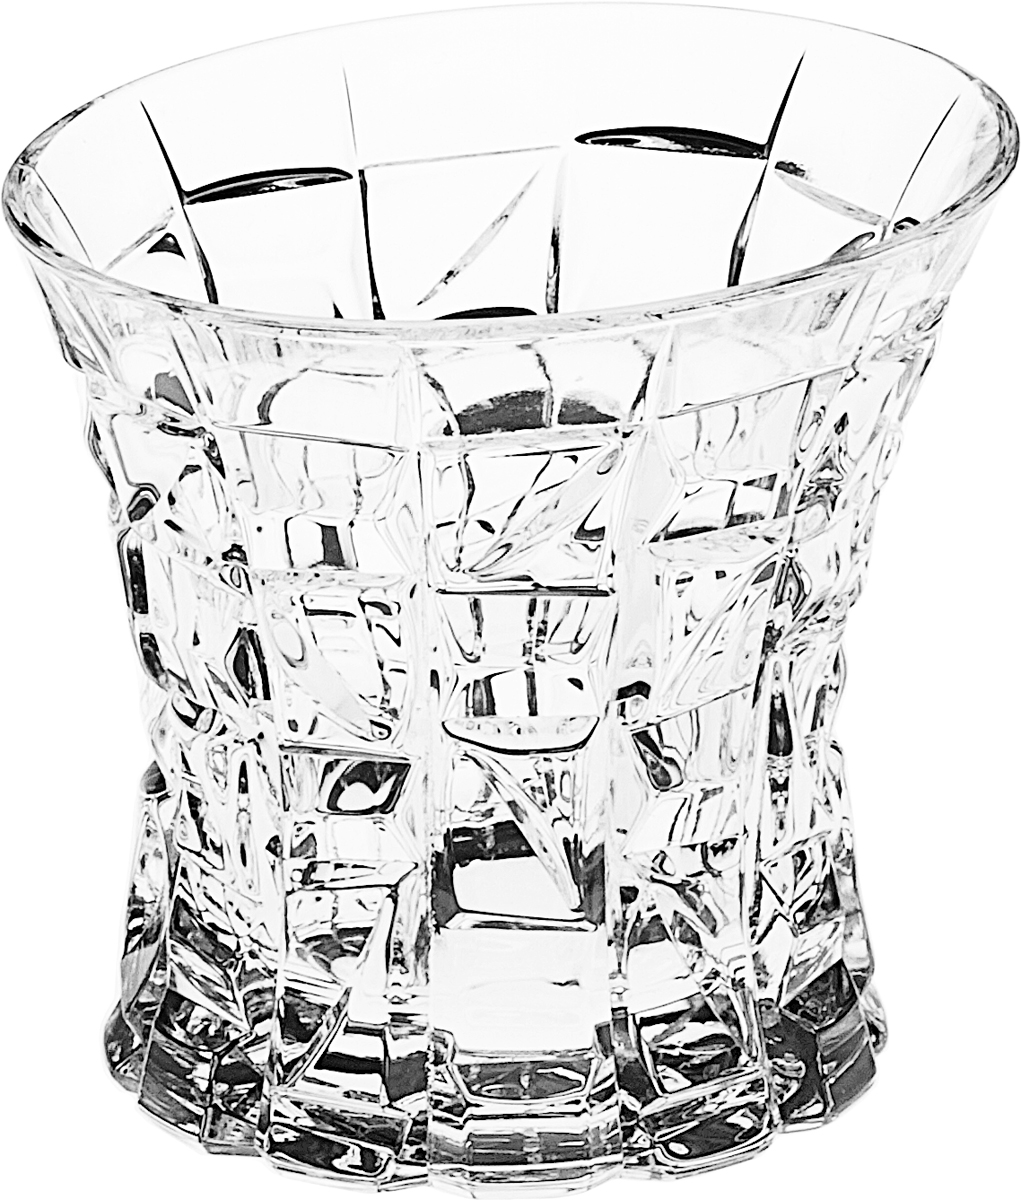 Стакан Crystal Bohemia, 200 мл, 2 шт990/23203/0/47610/200-209Стакан Crystal Bohemia выполнен из настоящего чешскогохрусталя с содержанием оксида свинца 24%, что придаетизделию поразительную прозрачность и чистоту, невероятныйблеск, присущий только ювелирным изделиям, особое, ни счем не сравнимое светопреломление и игру всеми краскамиспектра как при естественном, так и при искусственномосвещении.В комплекте 2 стакана.